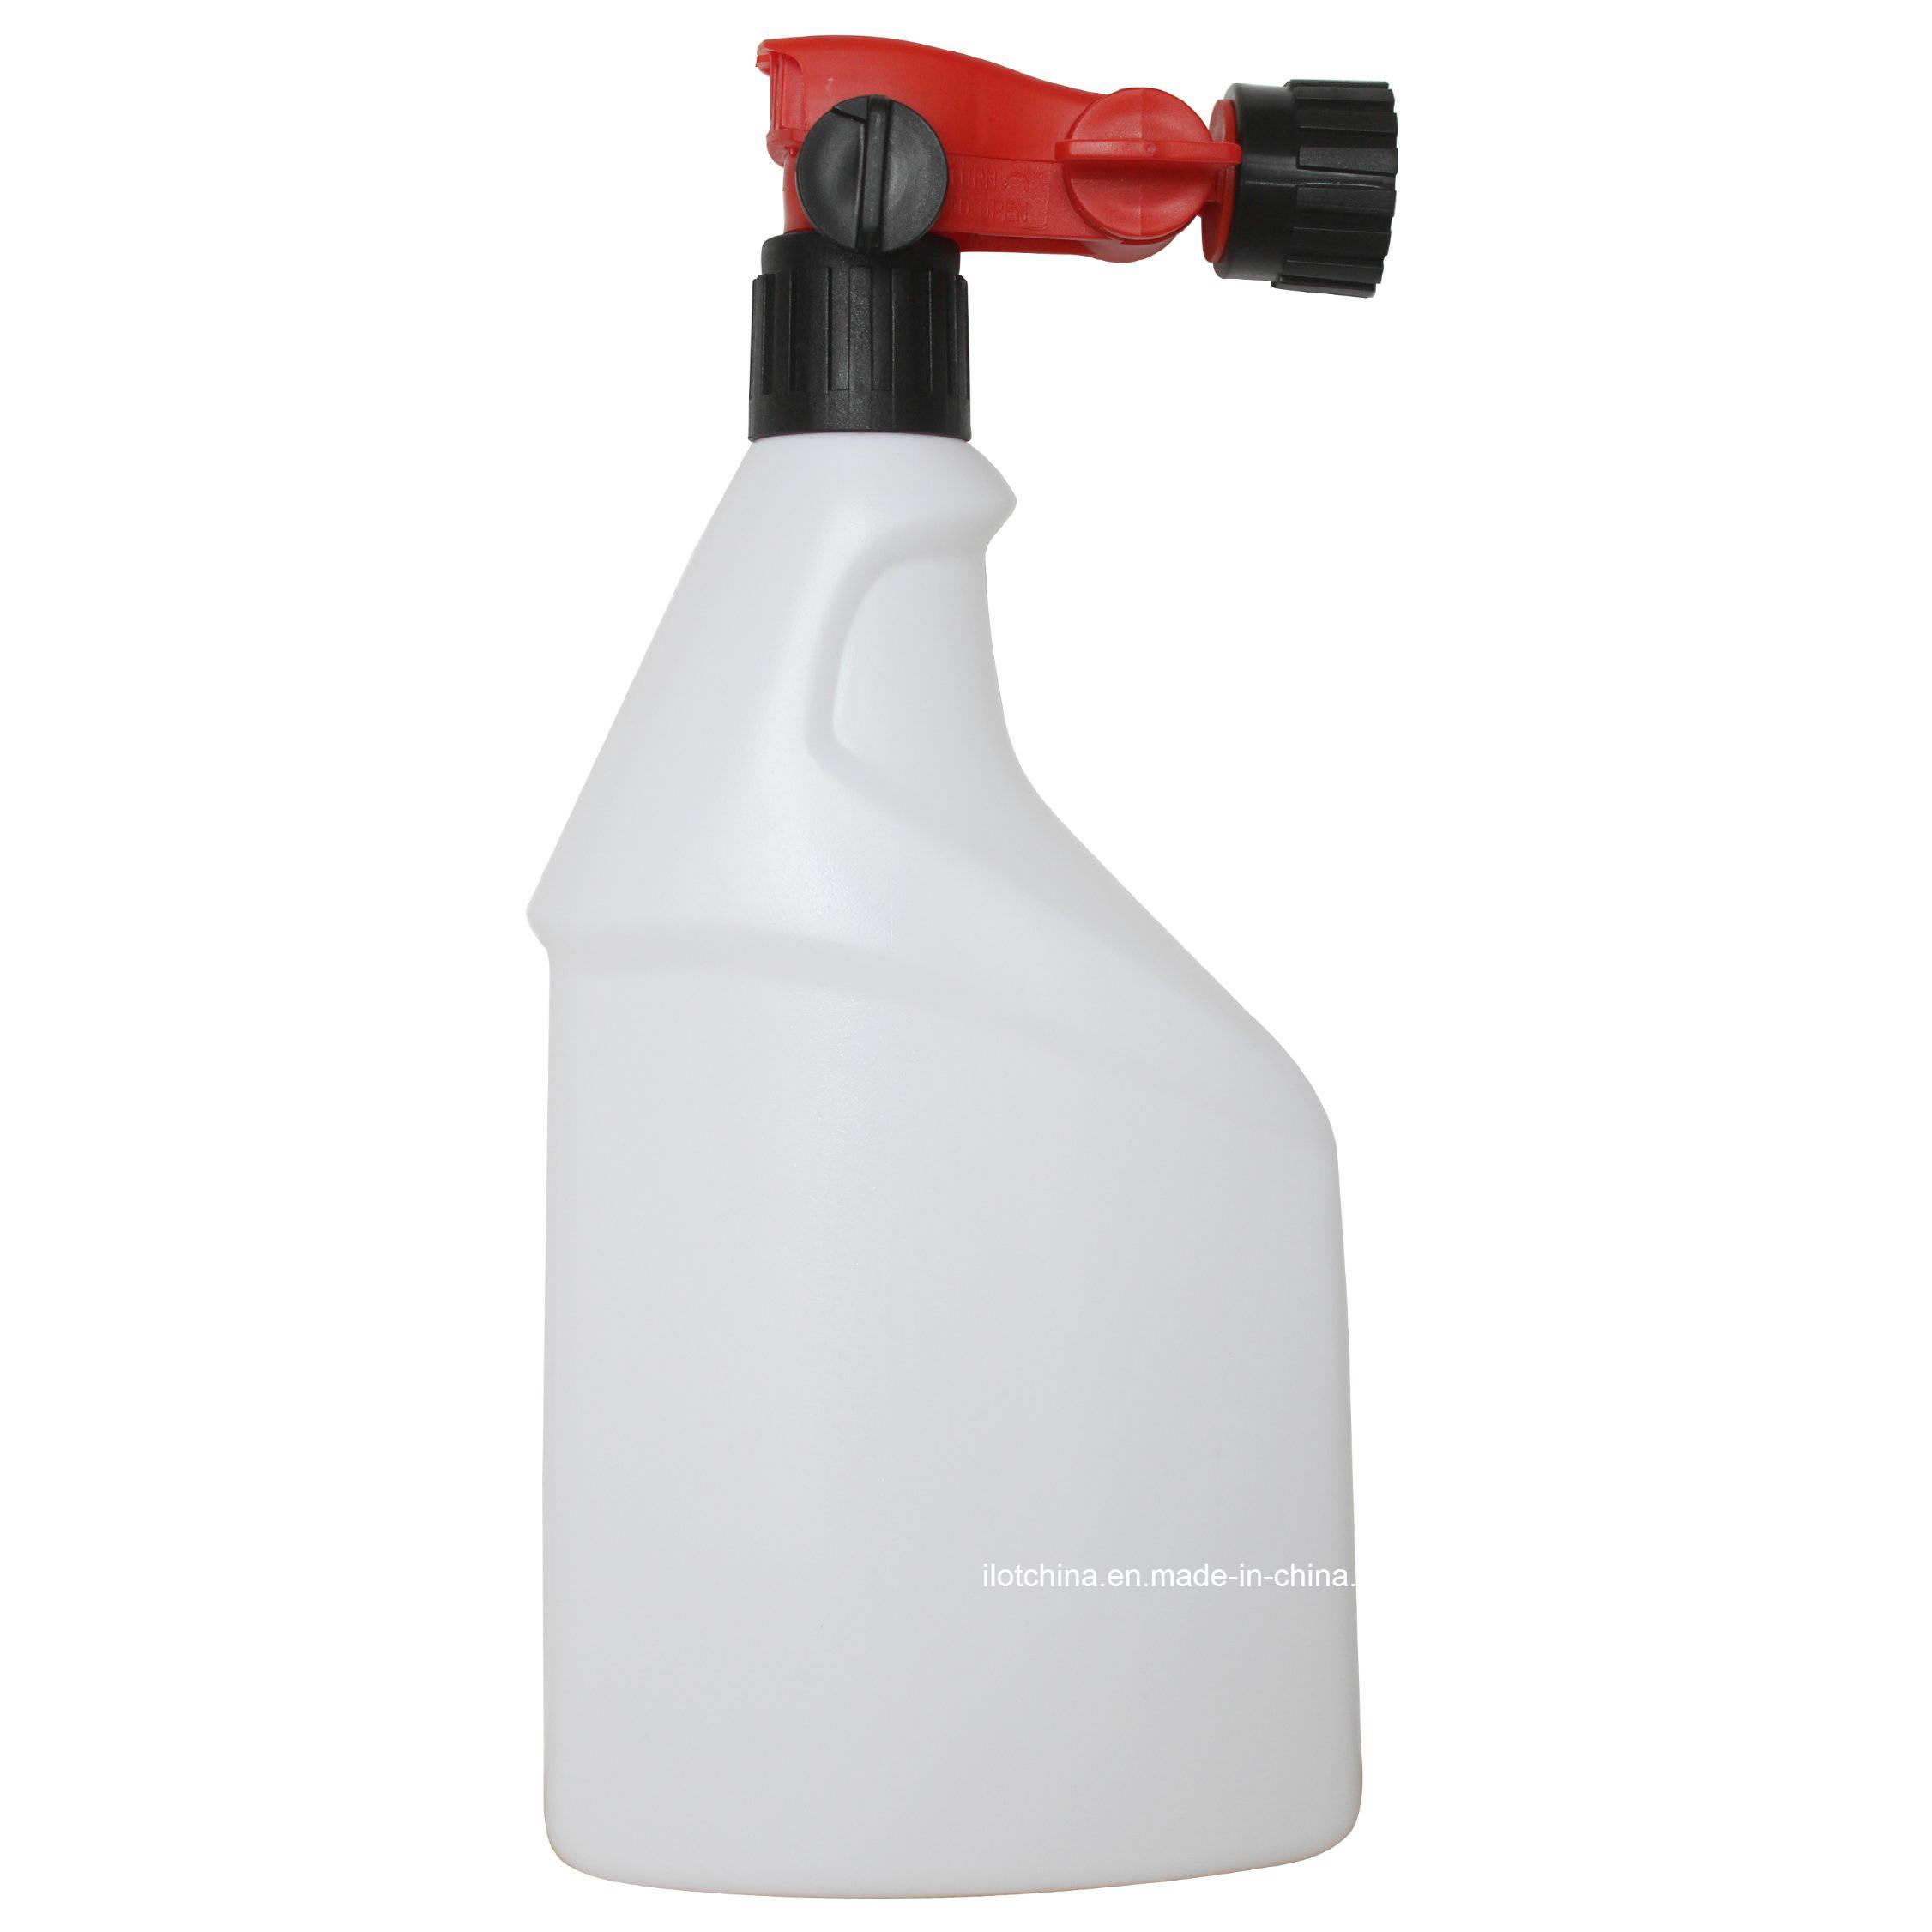 Ilot Hose End Sprayer Car Washing Tools Car Wash Machine